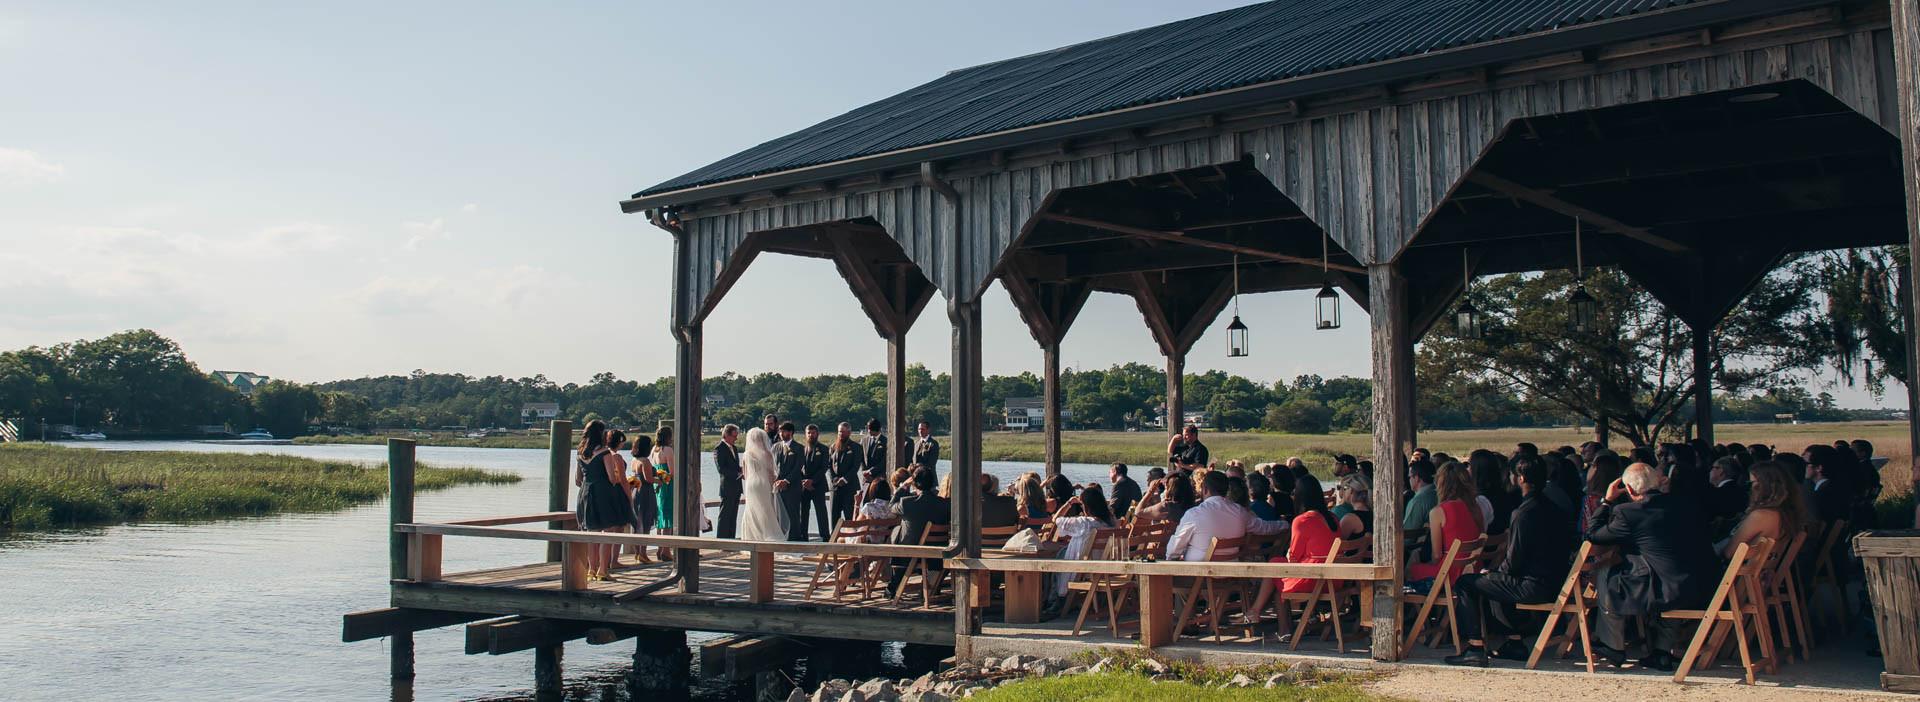 Cotton Dock Ceremony Photo